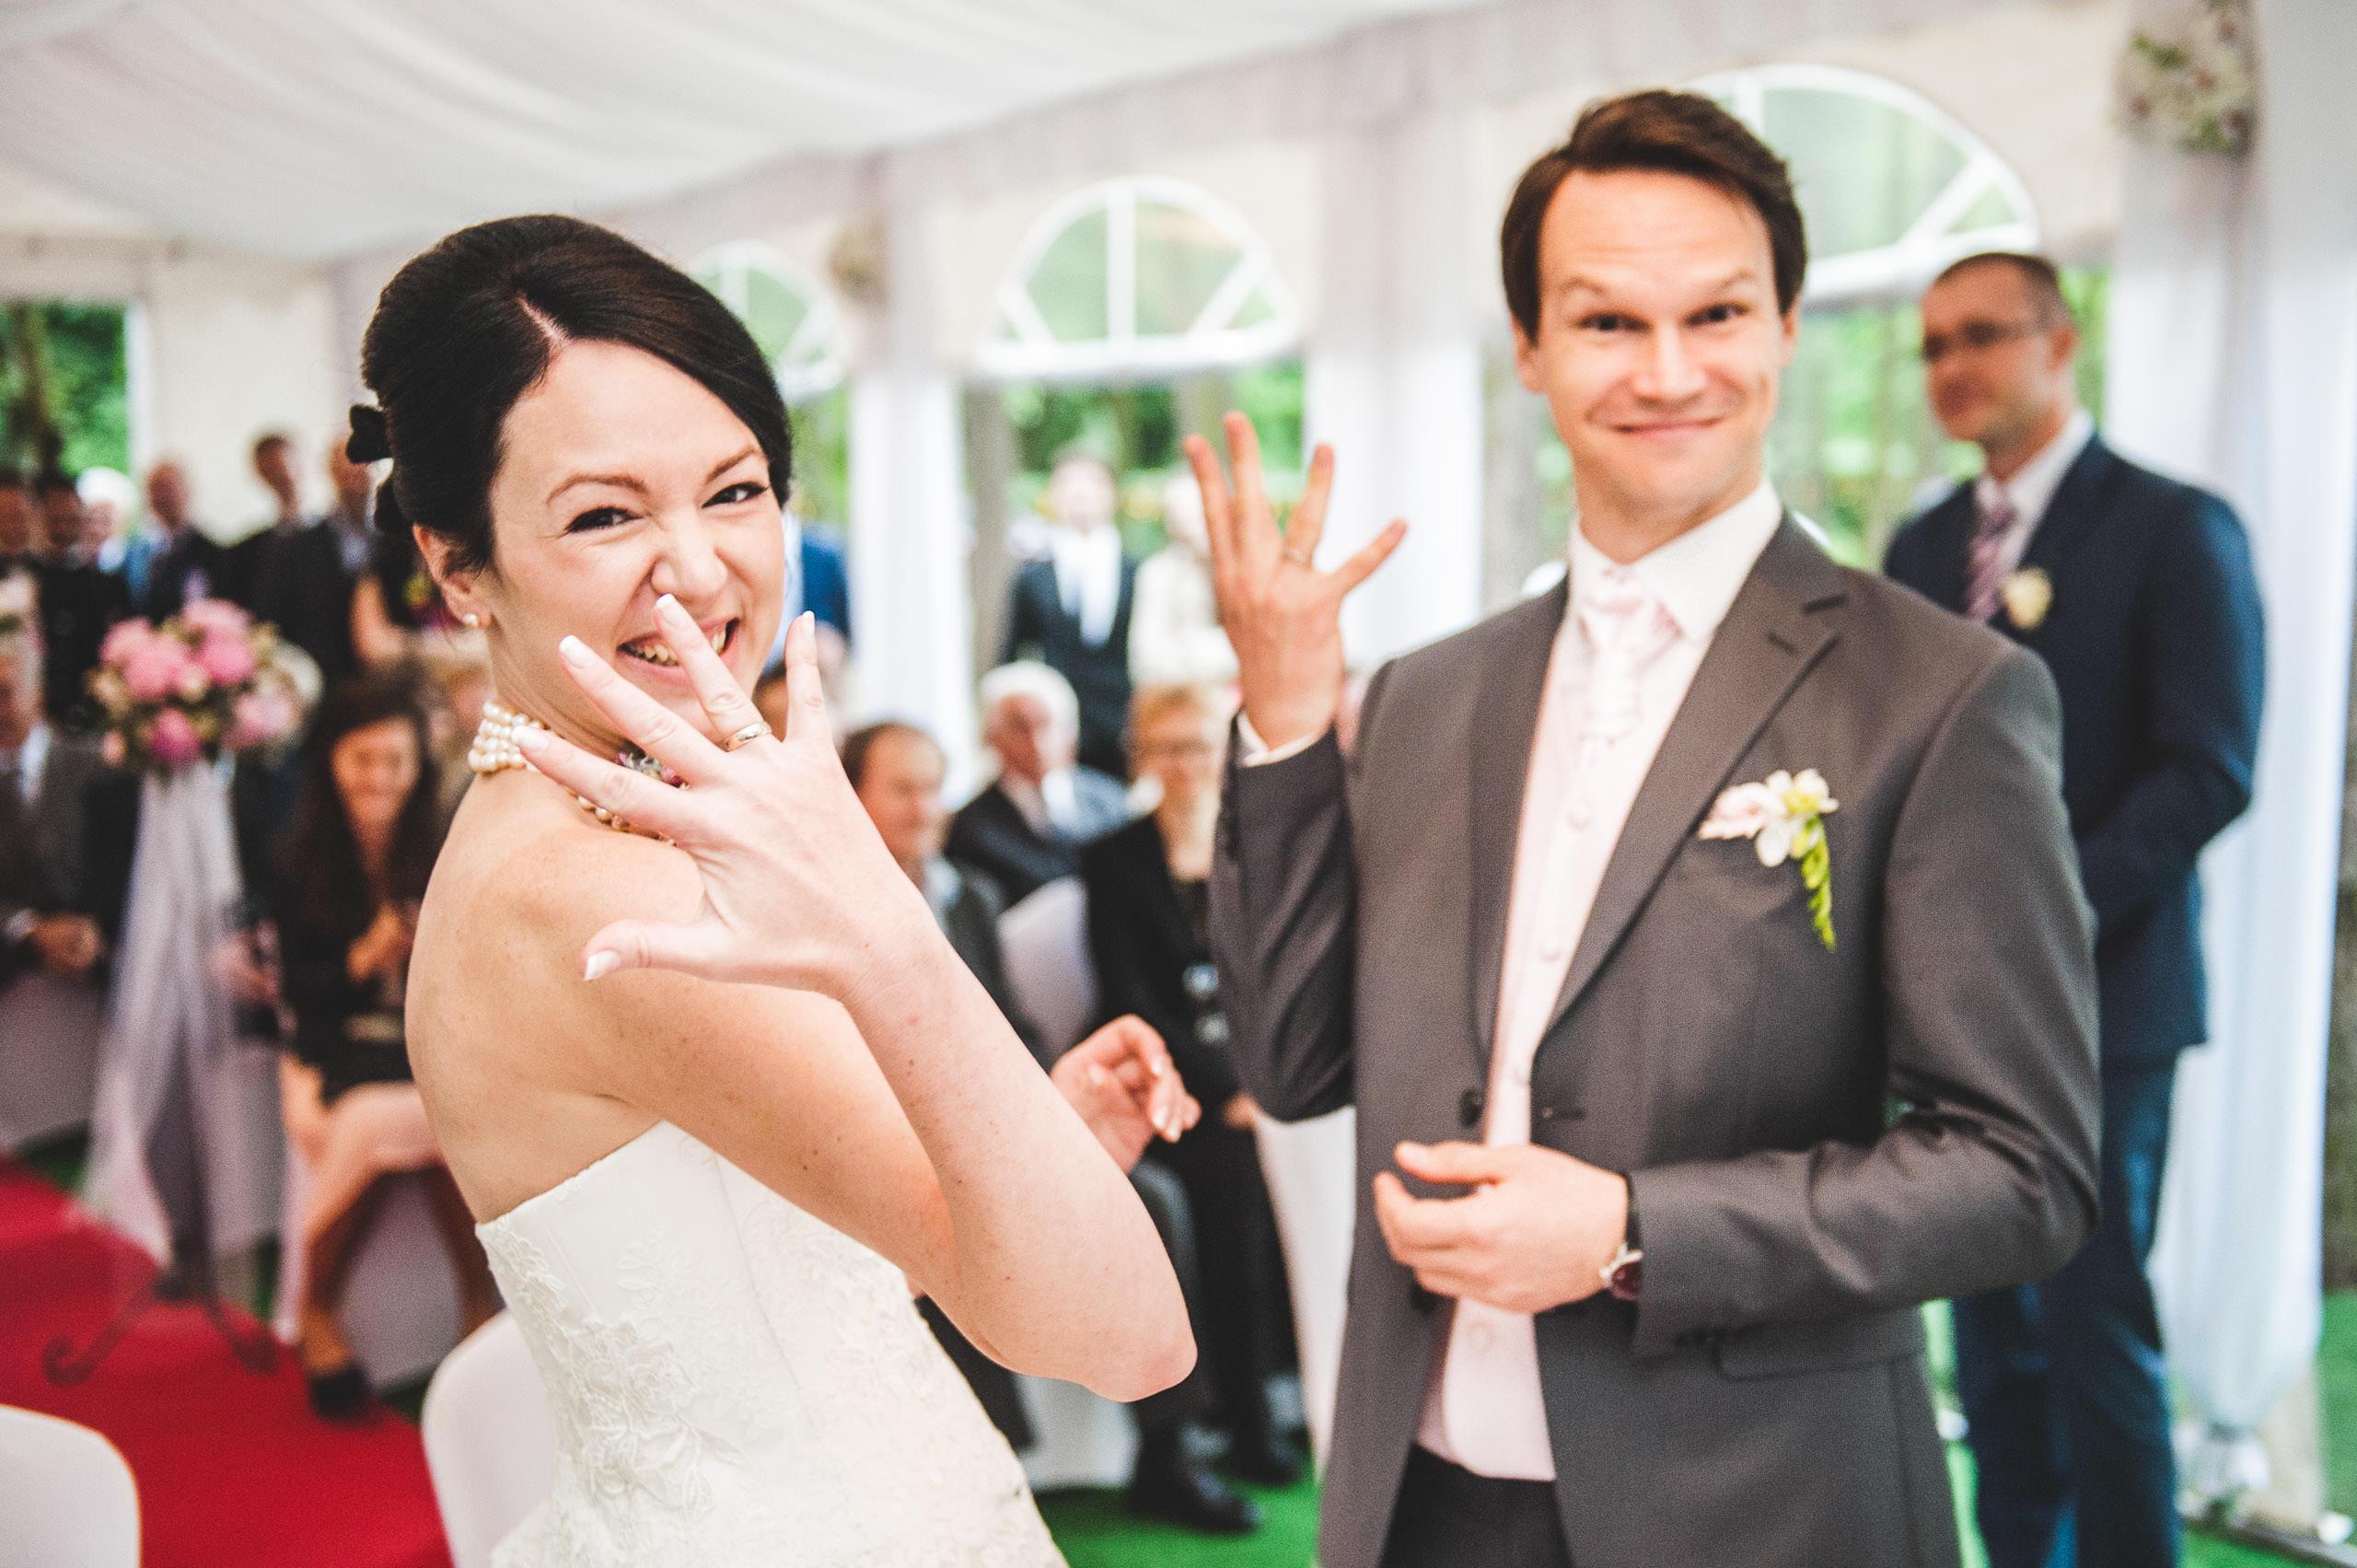 Plenerowy ślub Cywilny W Restauracji Krasnydwór W Warszawie